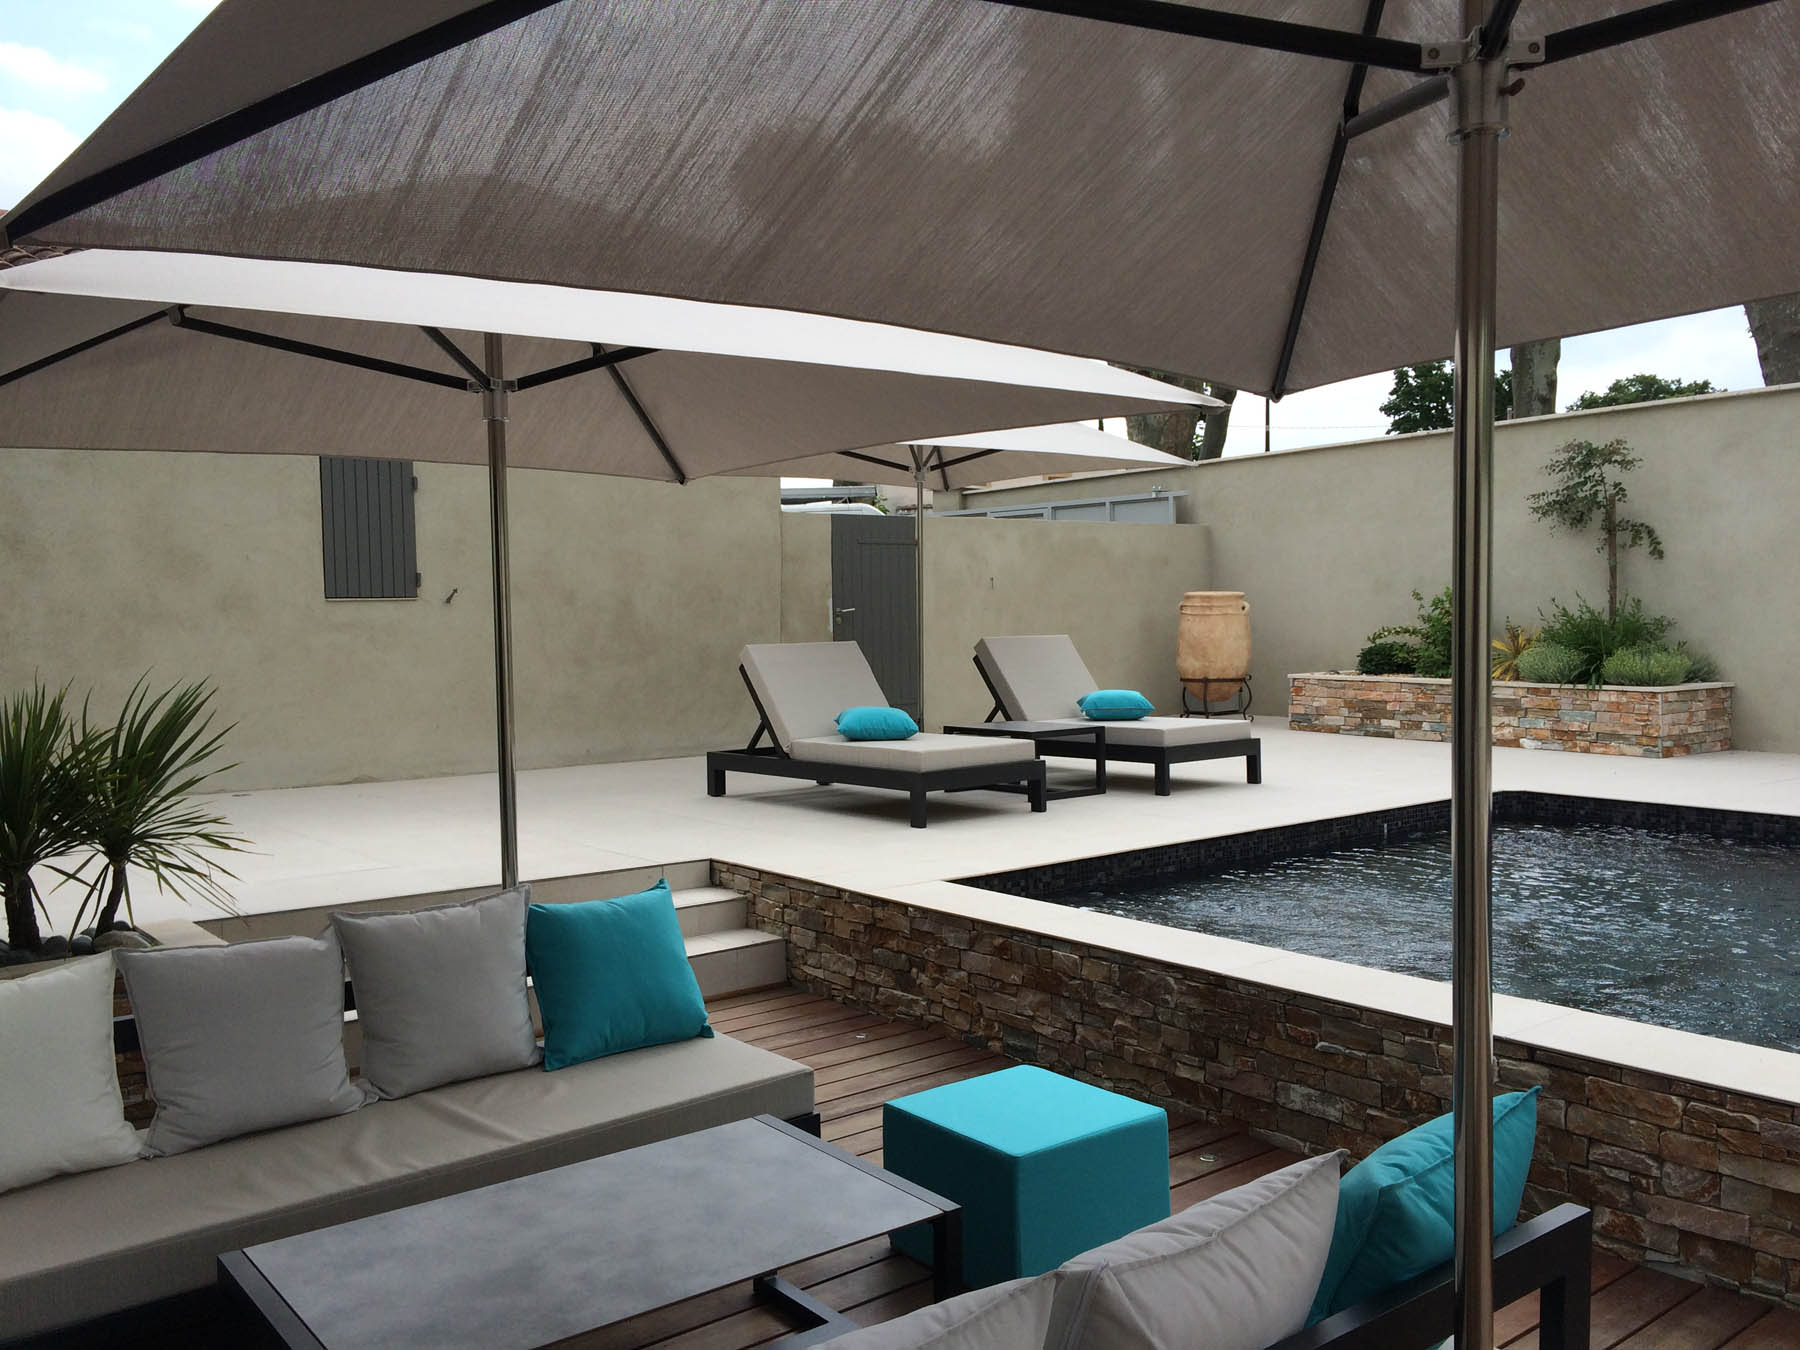 Mobilier pour bord de piscine ~~ Mobilier & Agencement La ...